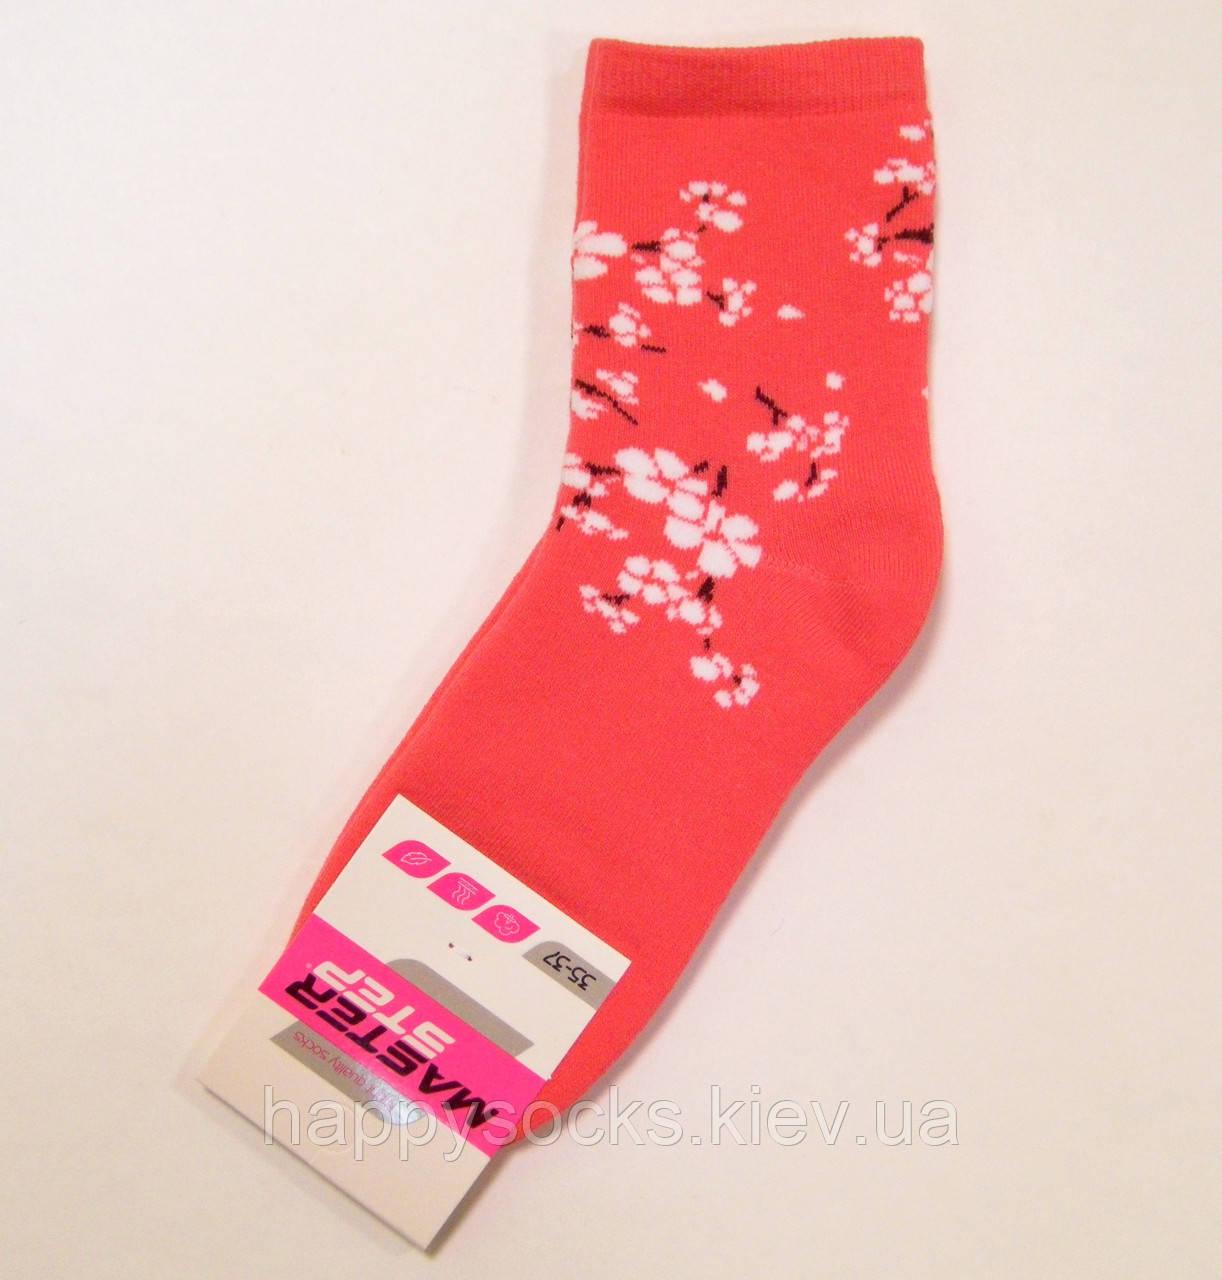 Хлопковые махровые носки с цветочным узором